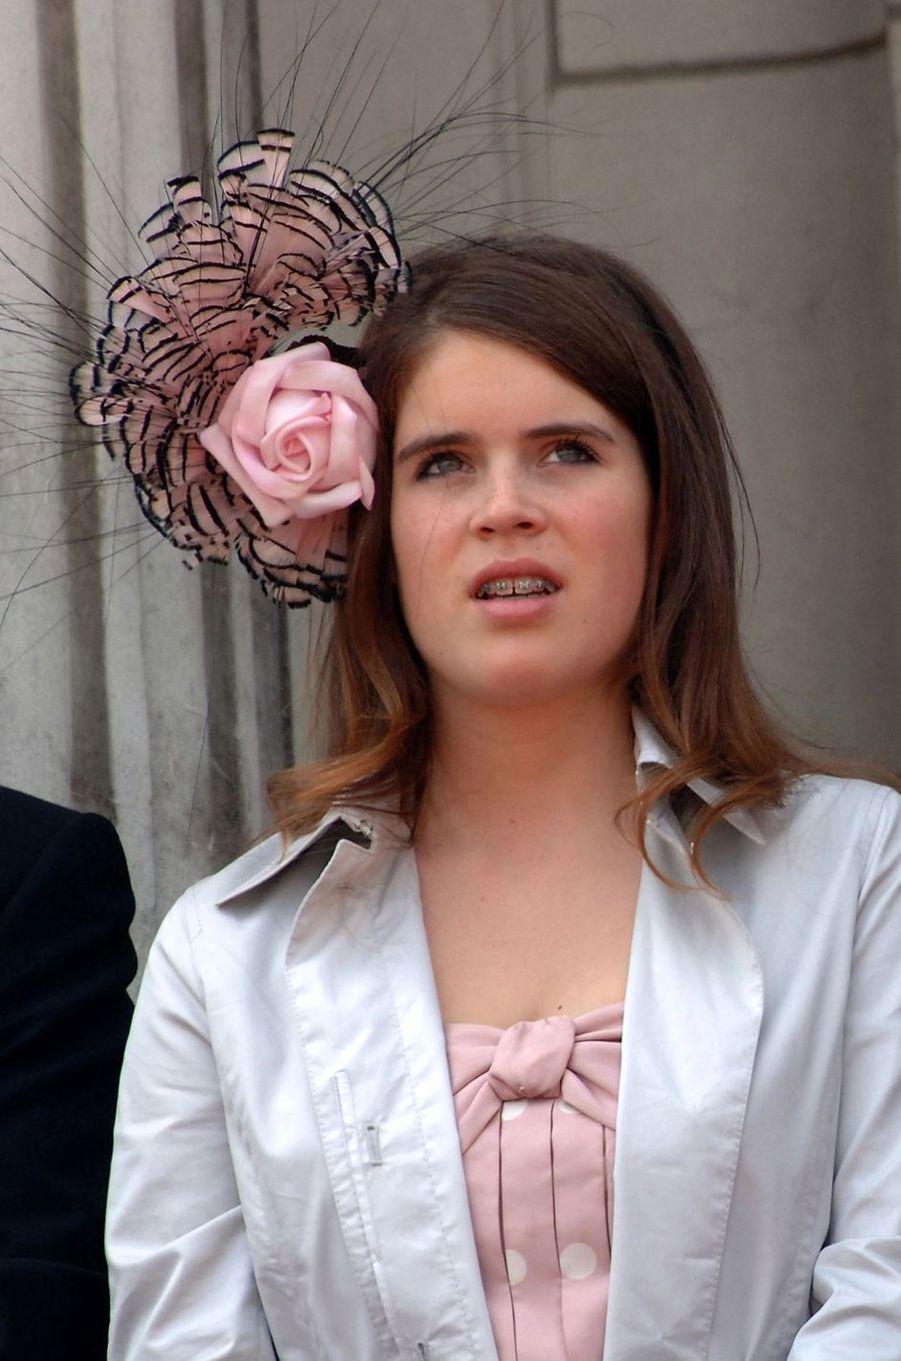 Le chapeau de la princesse Eugenie d'York, le 17 juin 2006